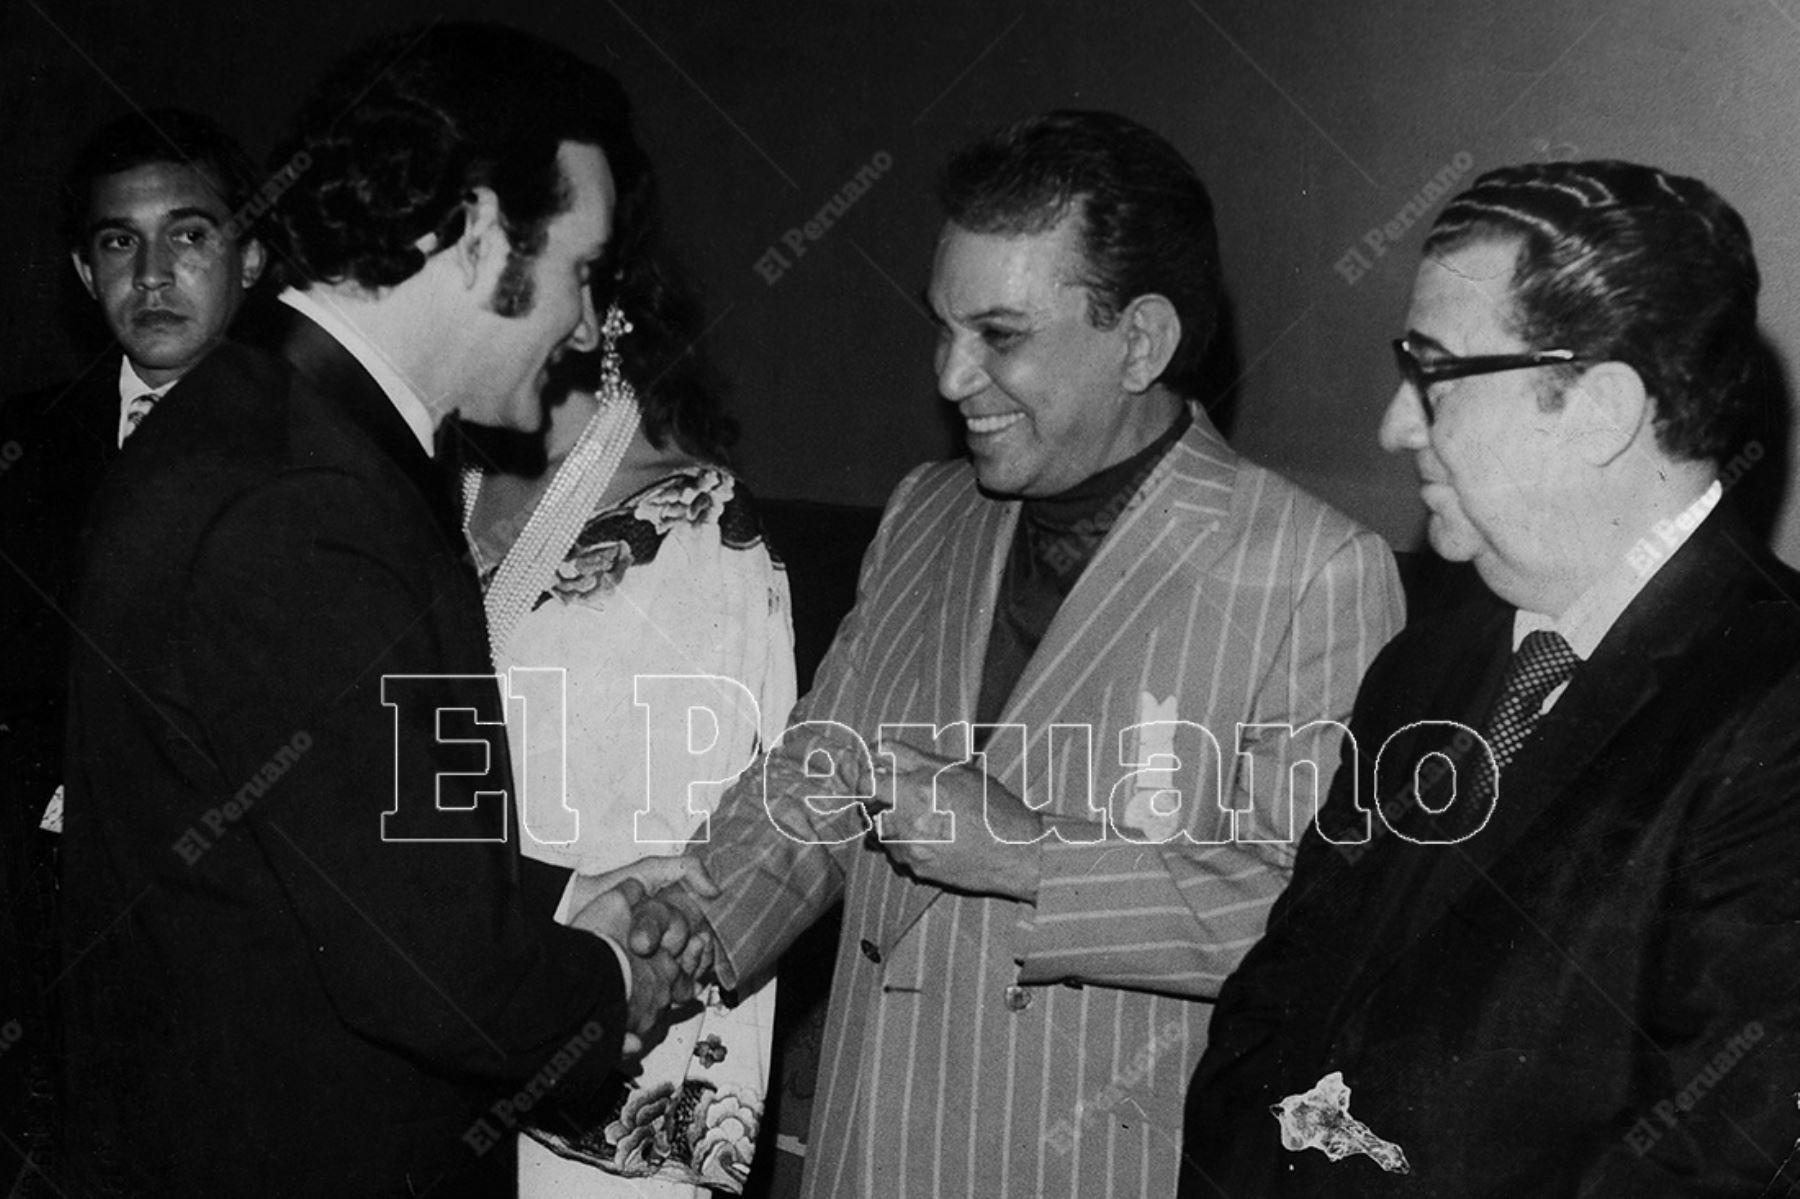 """Mexico - 15 marzo 1972 /El actor peruano Ricardo Blume saluda a Mario Moreno """"Cantinflas"""" durante el Festival del Cine Mexicano. Foto: Archivo Histórico de El Peruano"""